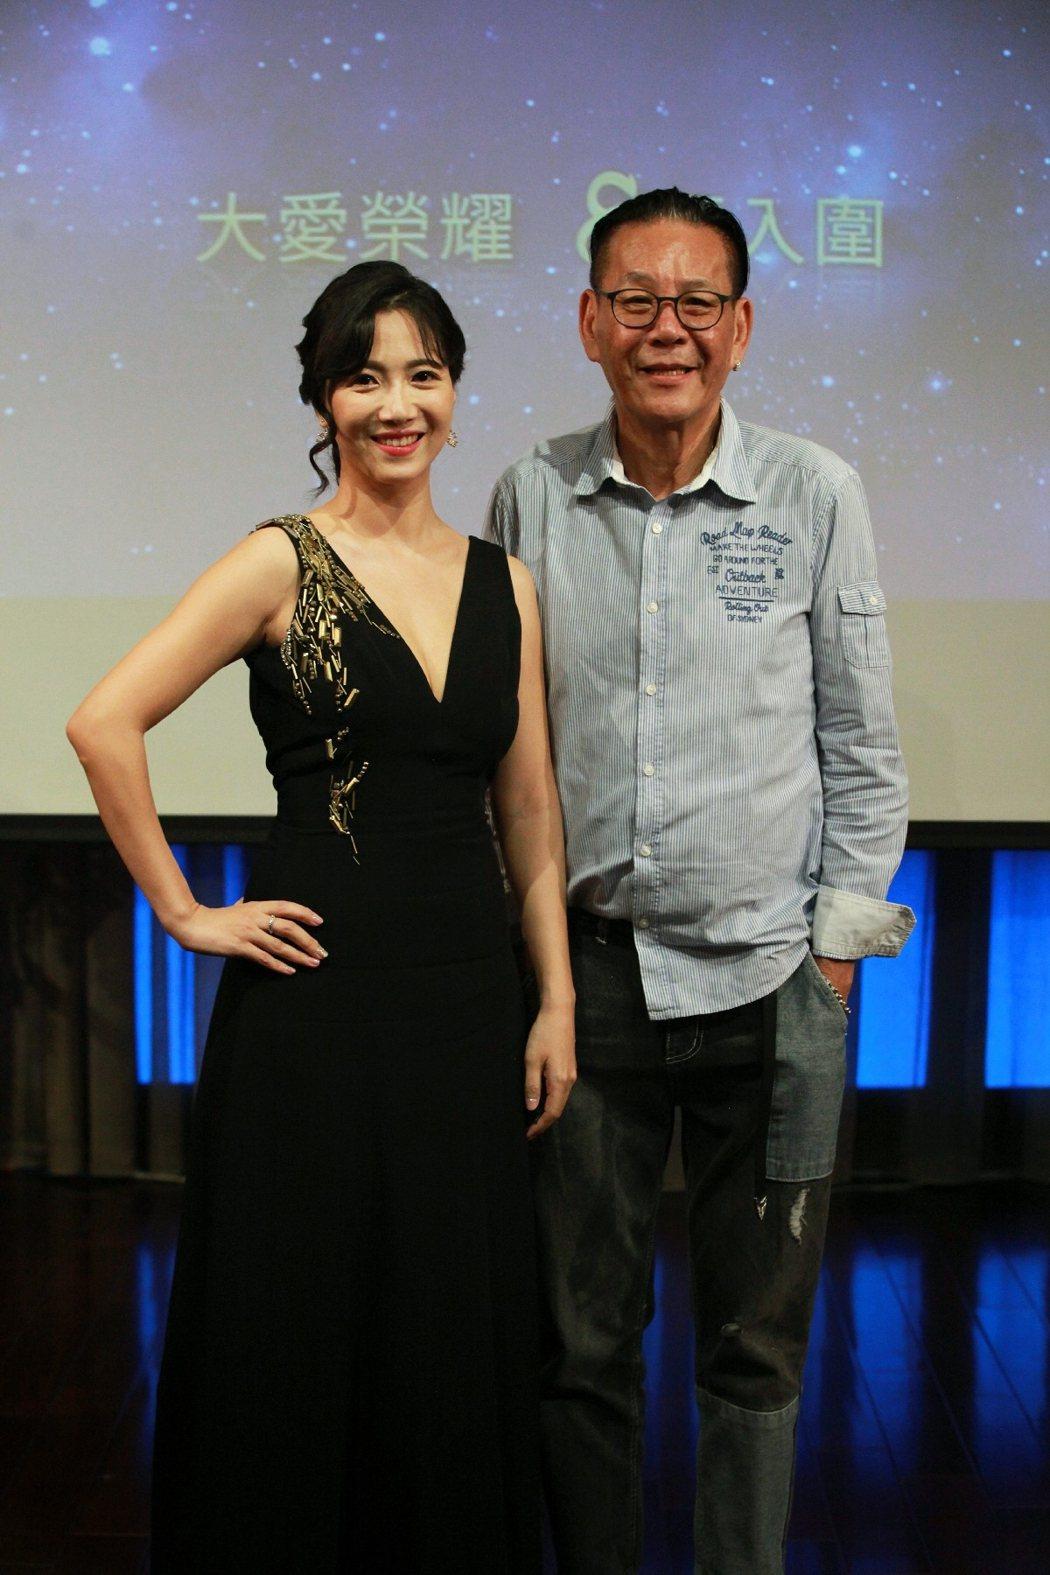 龍劭華(右)、徐麗雯今年以「菜頭梗的滋味」分別角逐金鐘男女主角,2人合體出席大愛